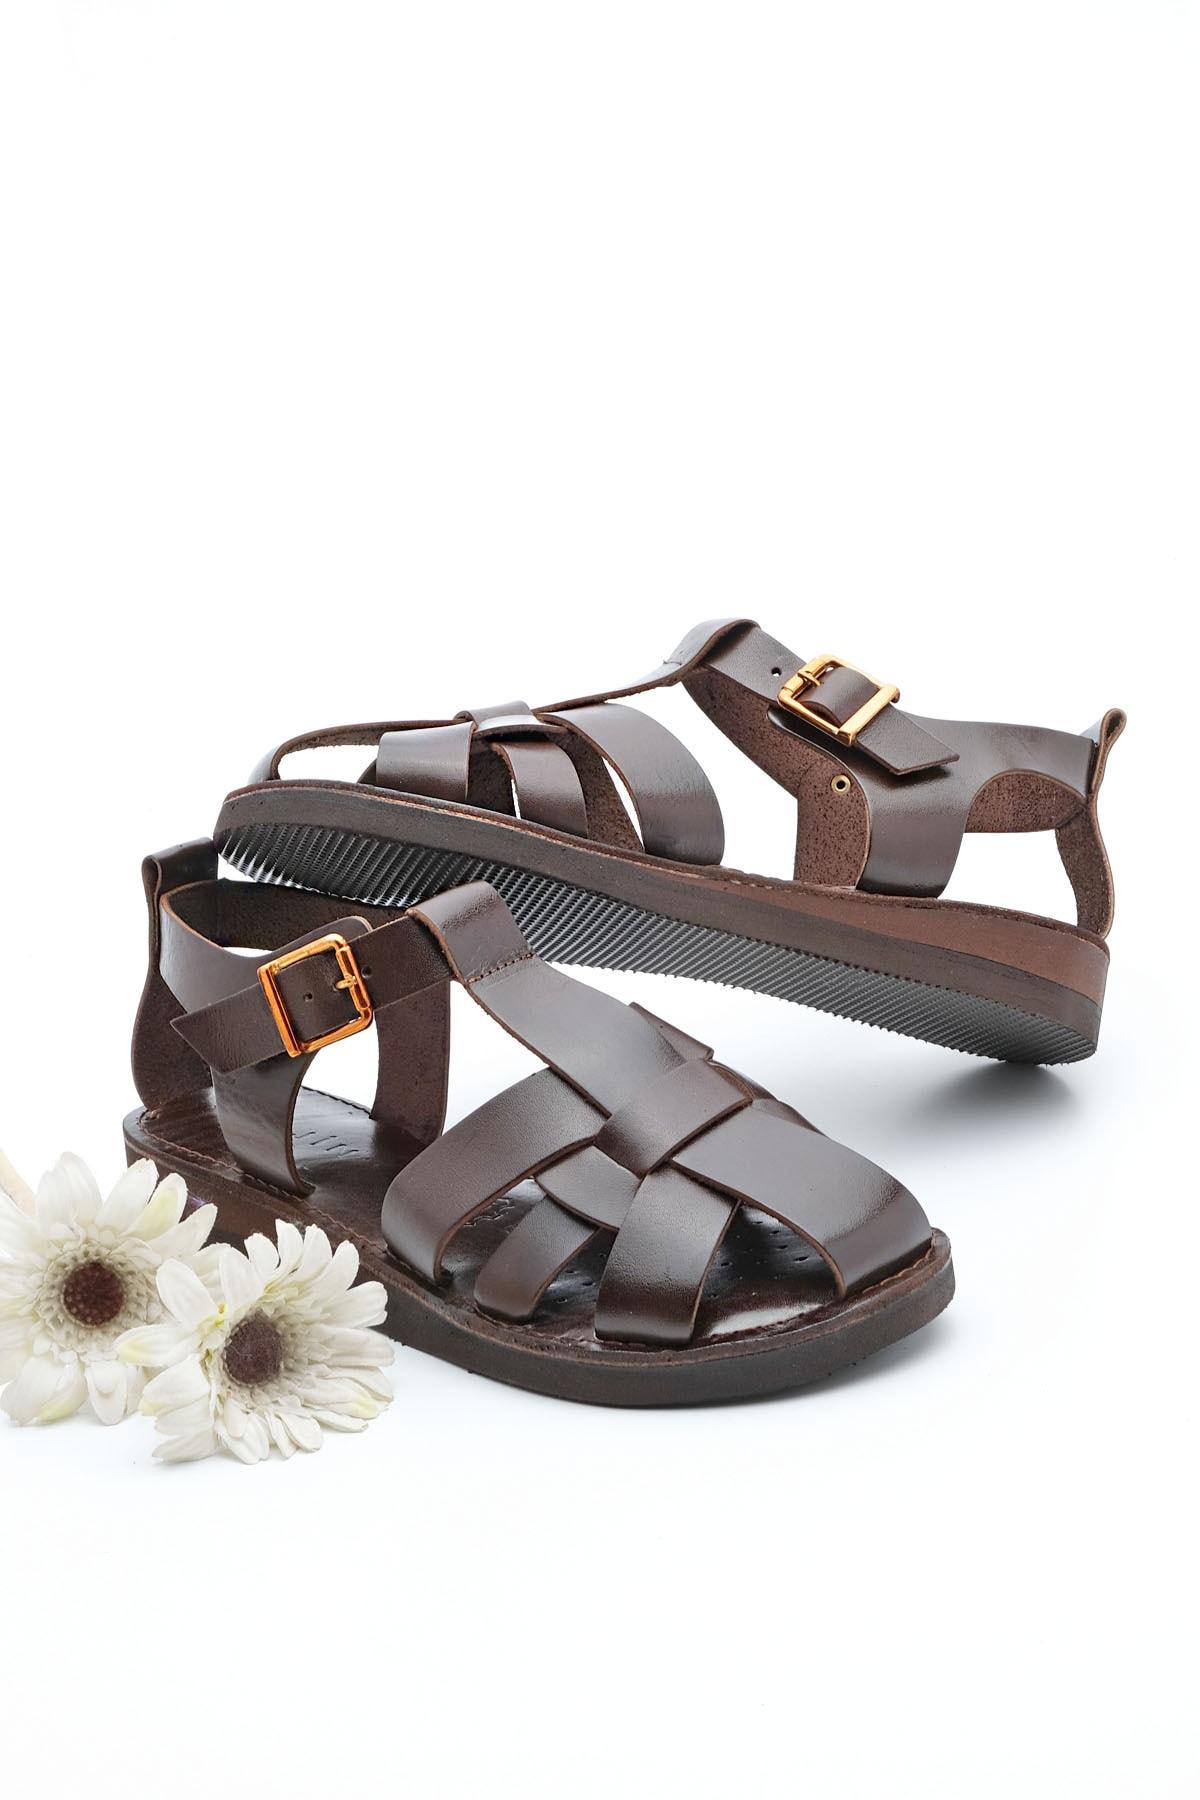 Kadın Hakiki Deri Sandalet Olinkahve